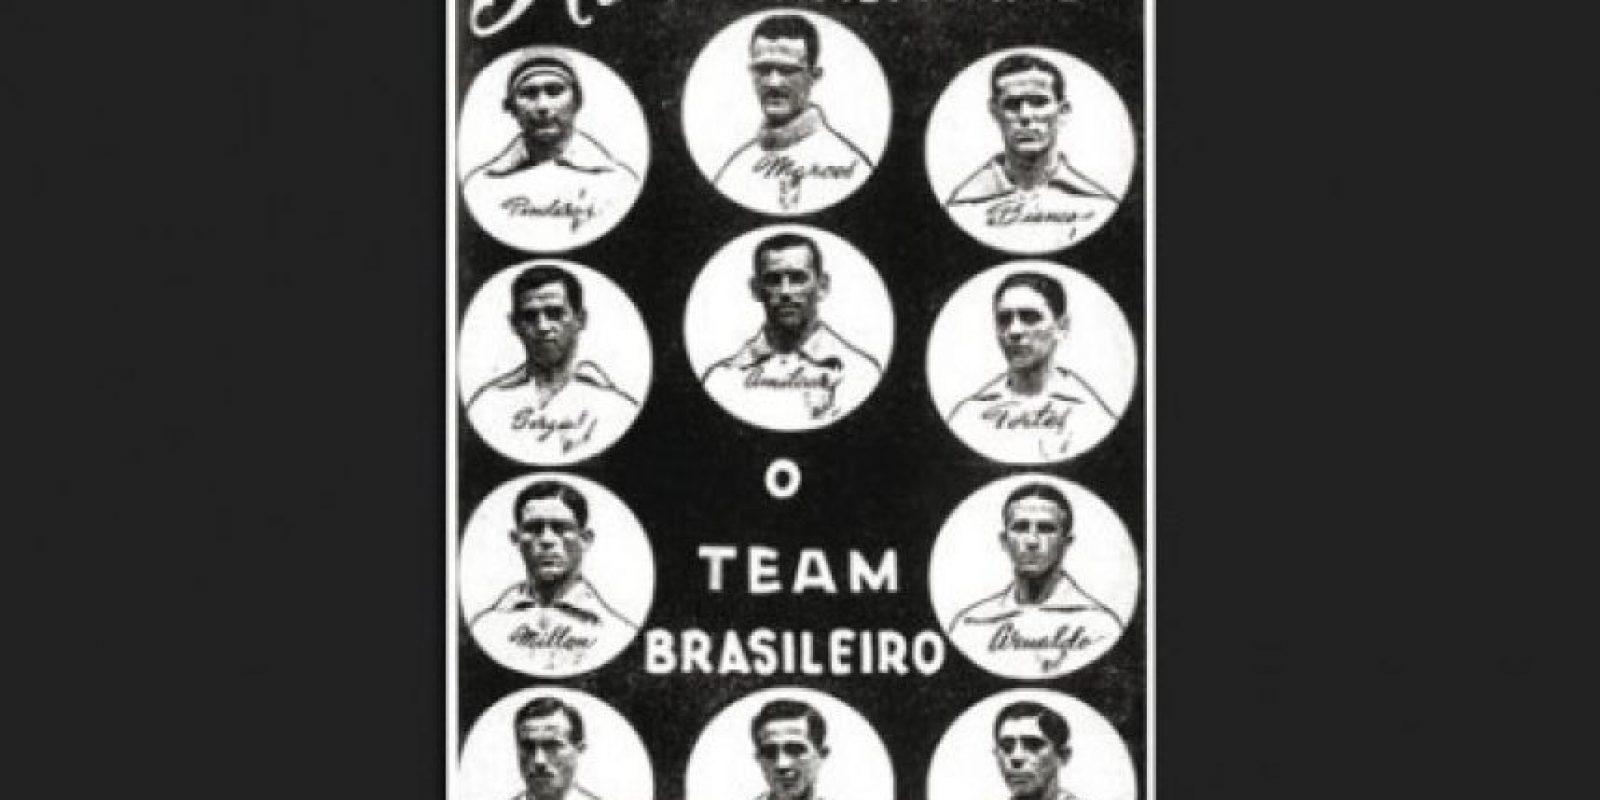 A partir de 1917 se decidió que el torneo se jugaría cada año y las sedes se rotarían pero en 1918 no hubo Campeonato Sudamericano por un brote de gripe en Rio de Janeiro por lo que Brasil organizó el certamen en 1919 y ganó por primera vez la copa. Foto:ca2015.com